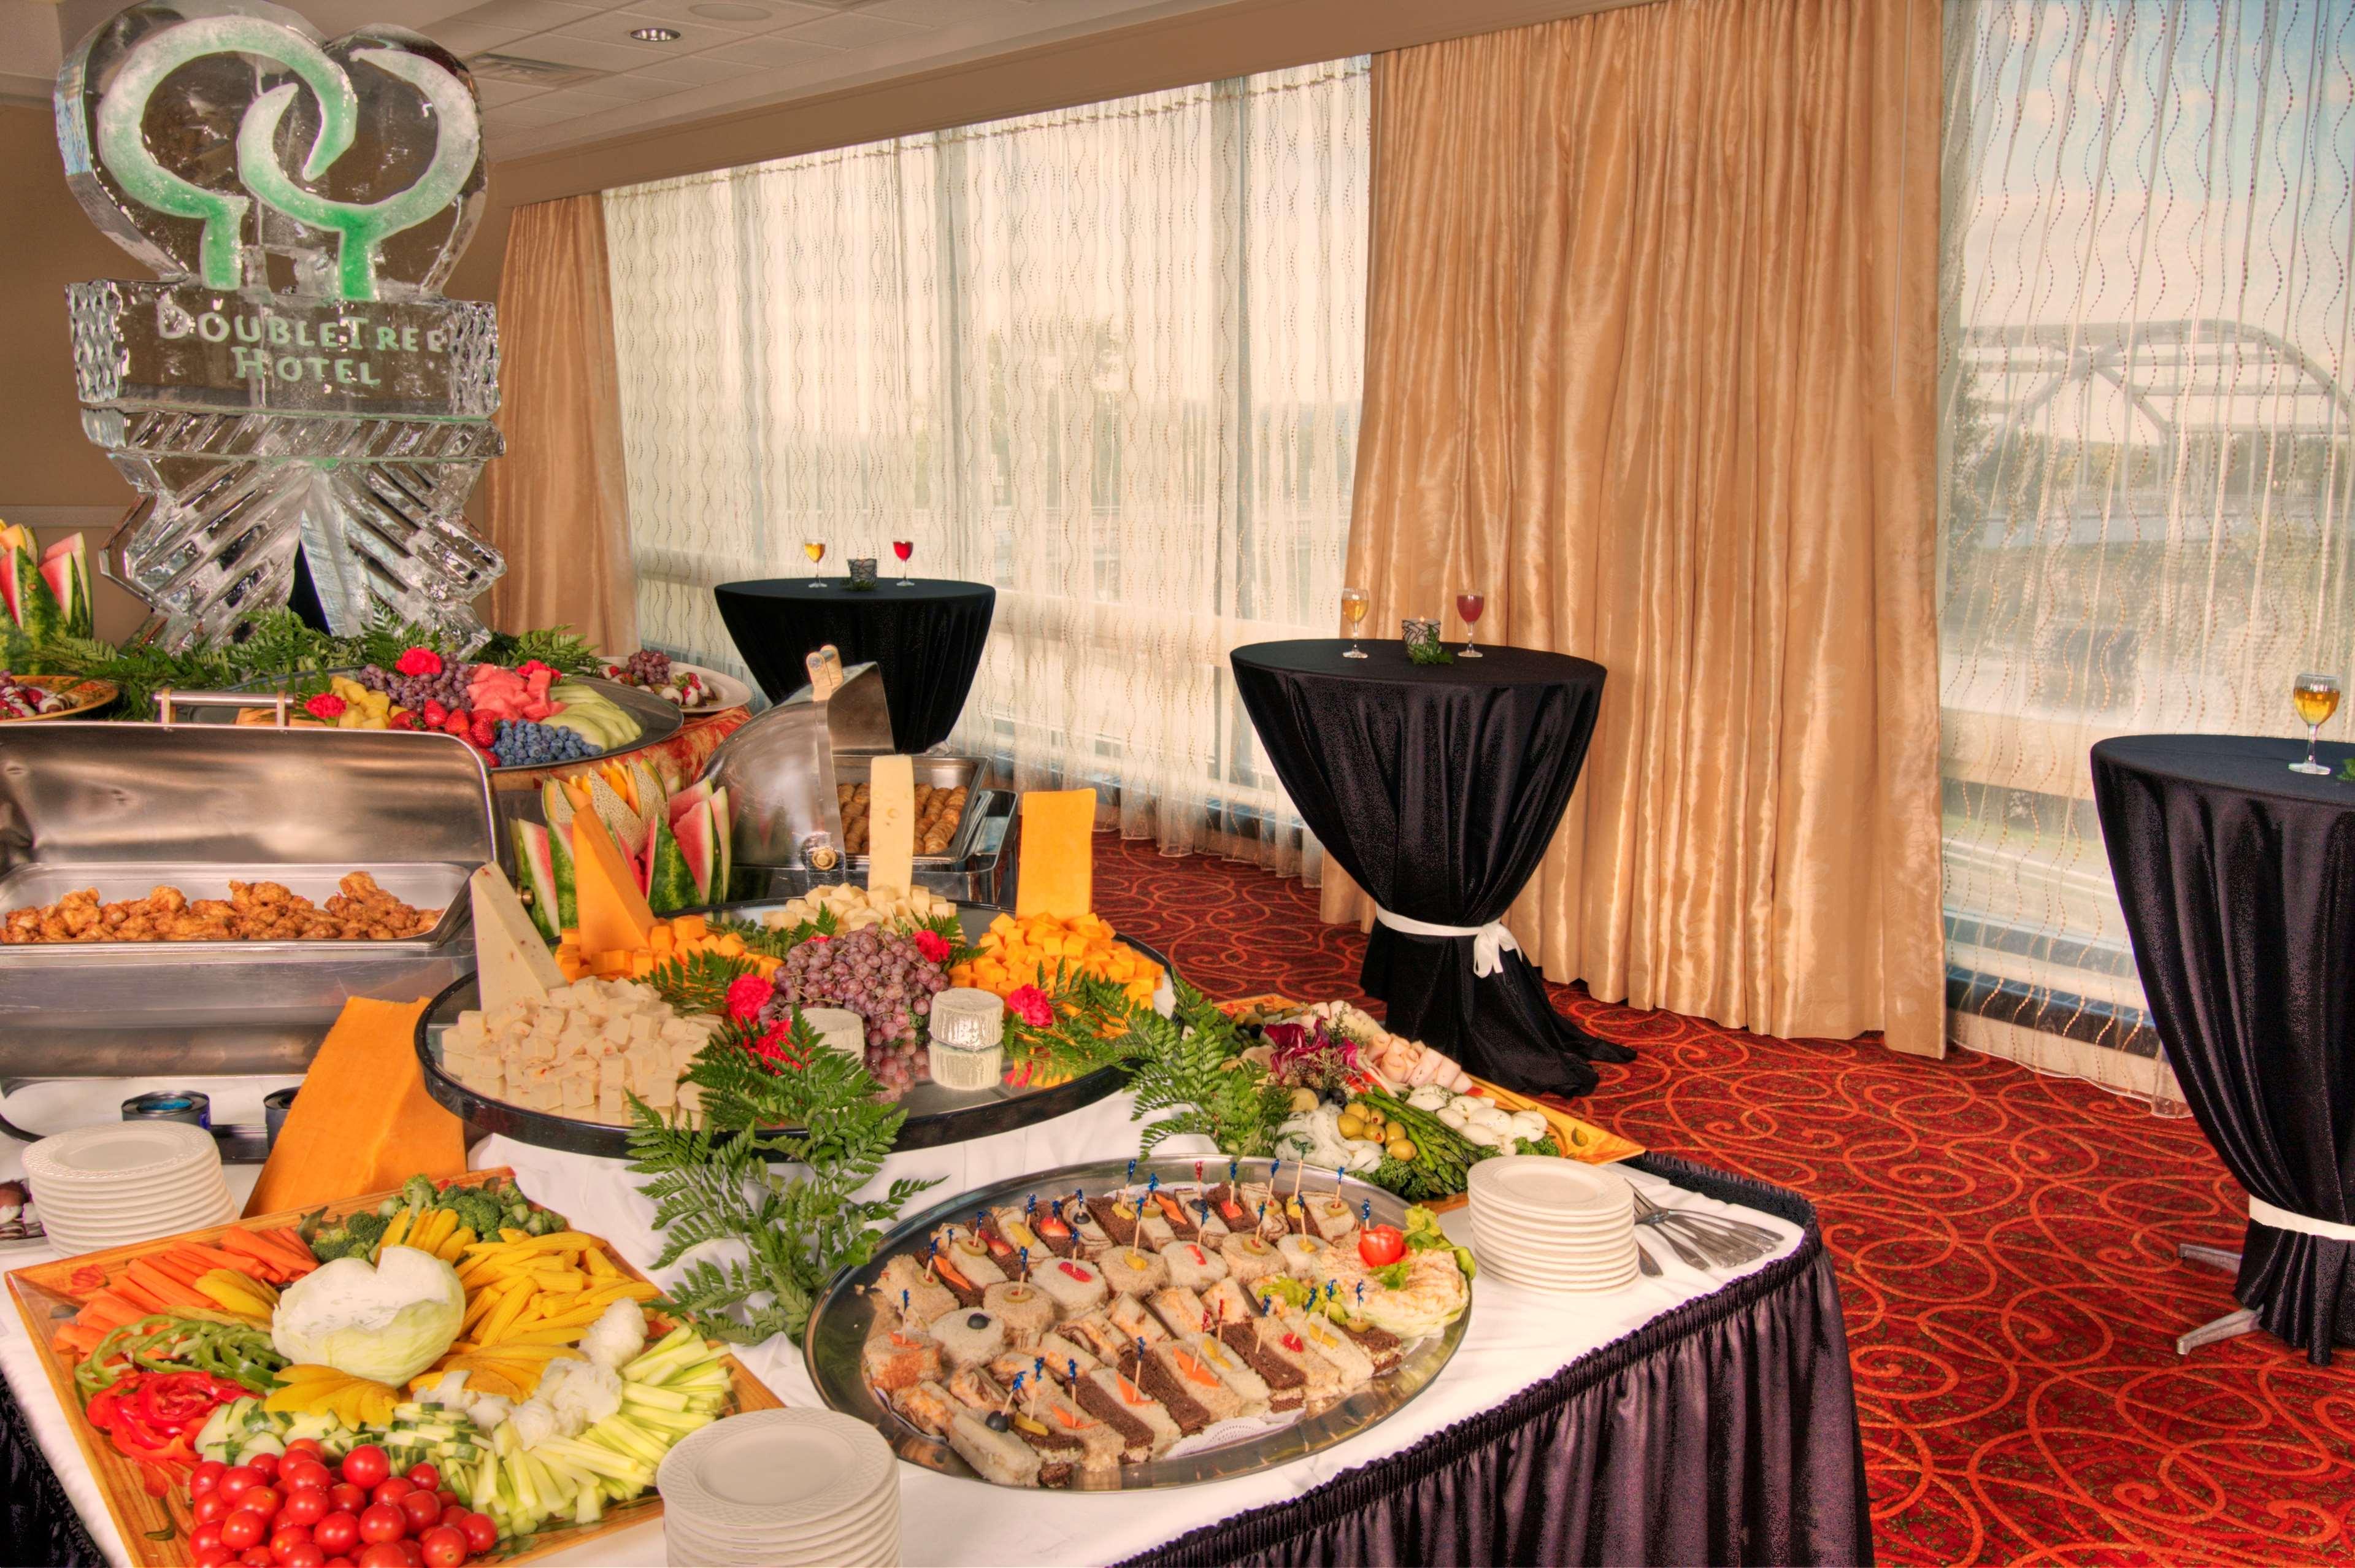 DoubleTree by Hilton Hotel Little Rock image 31